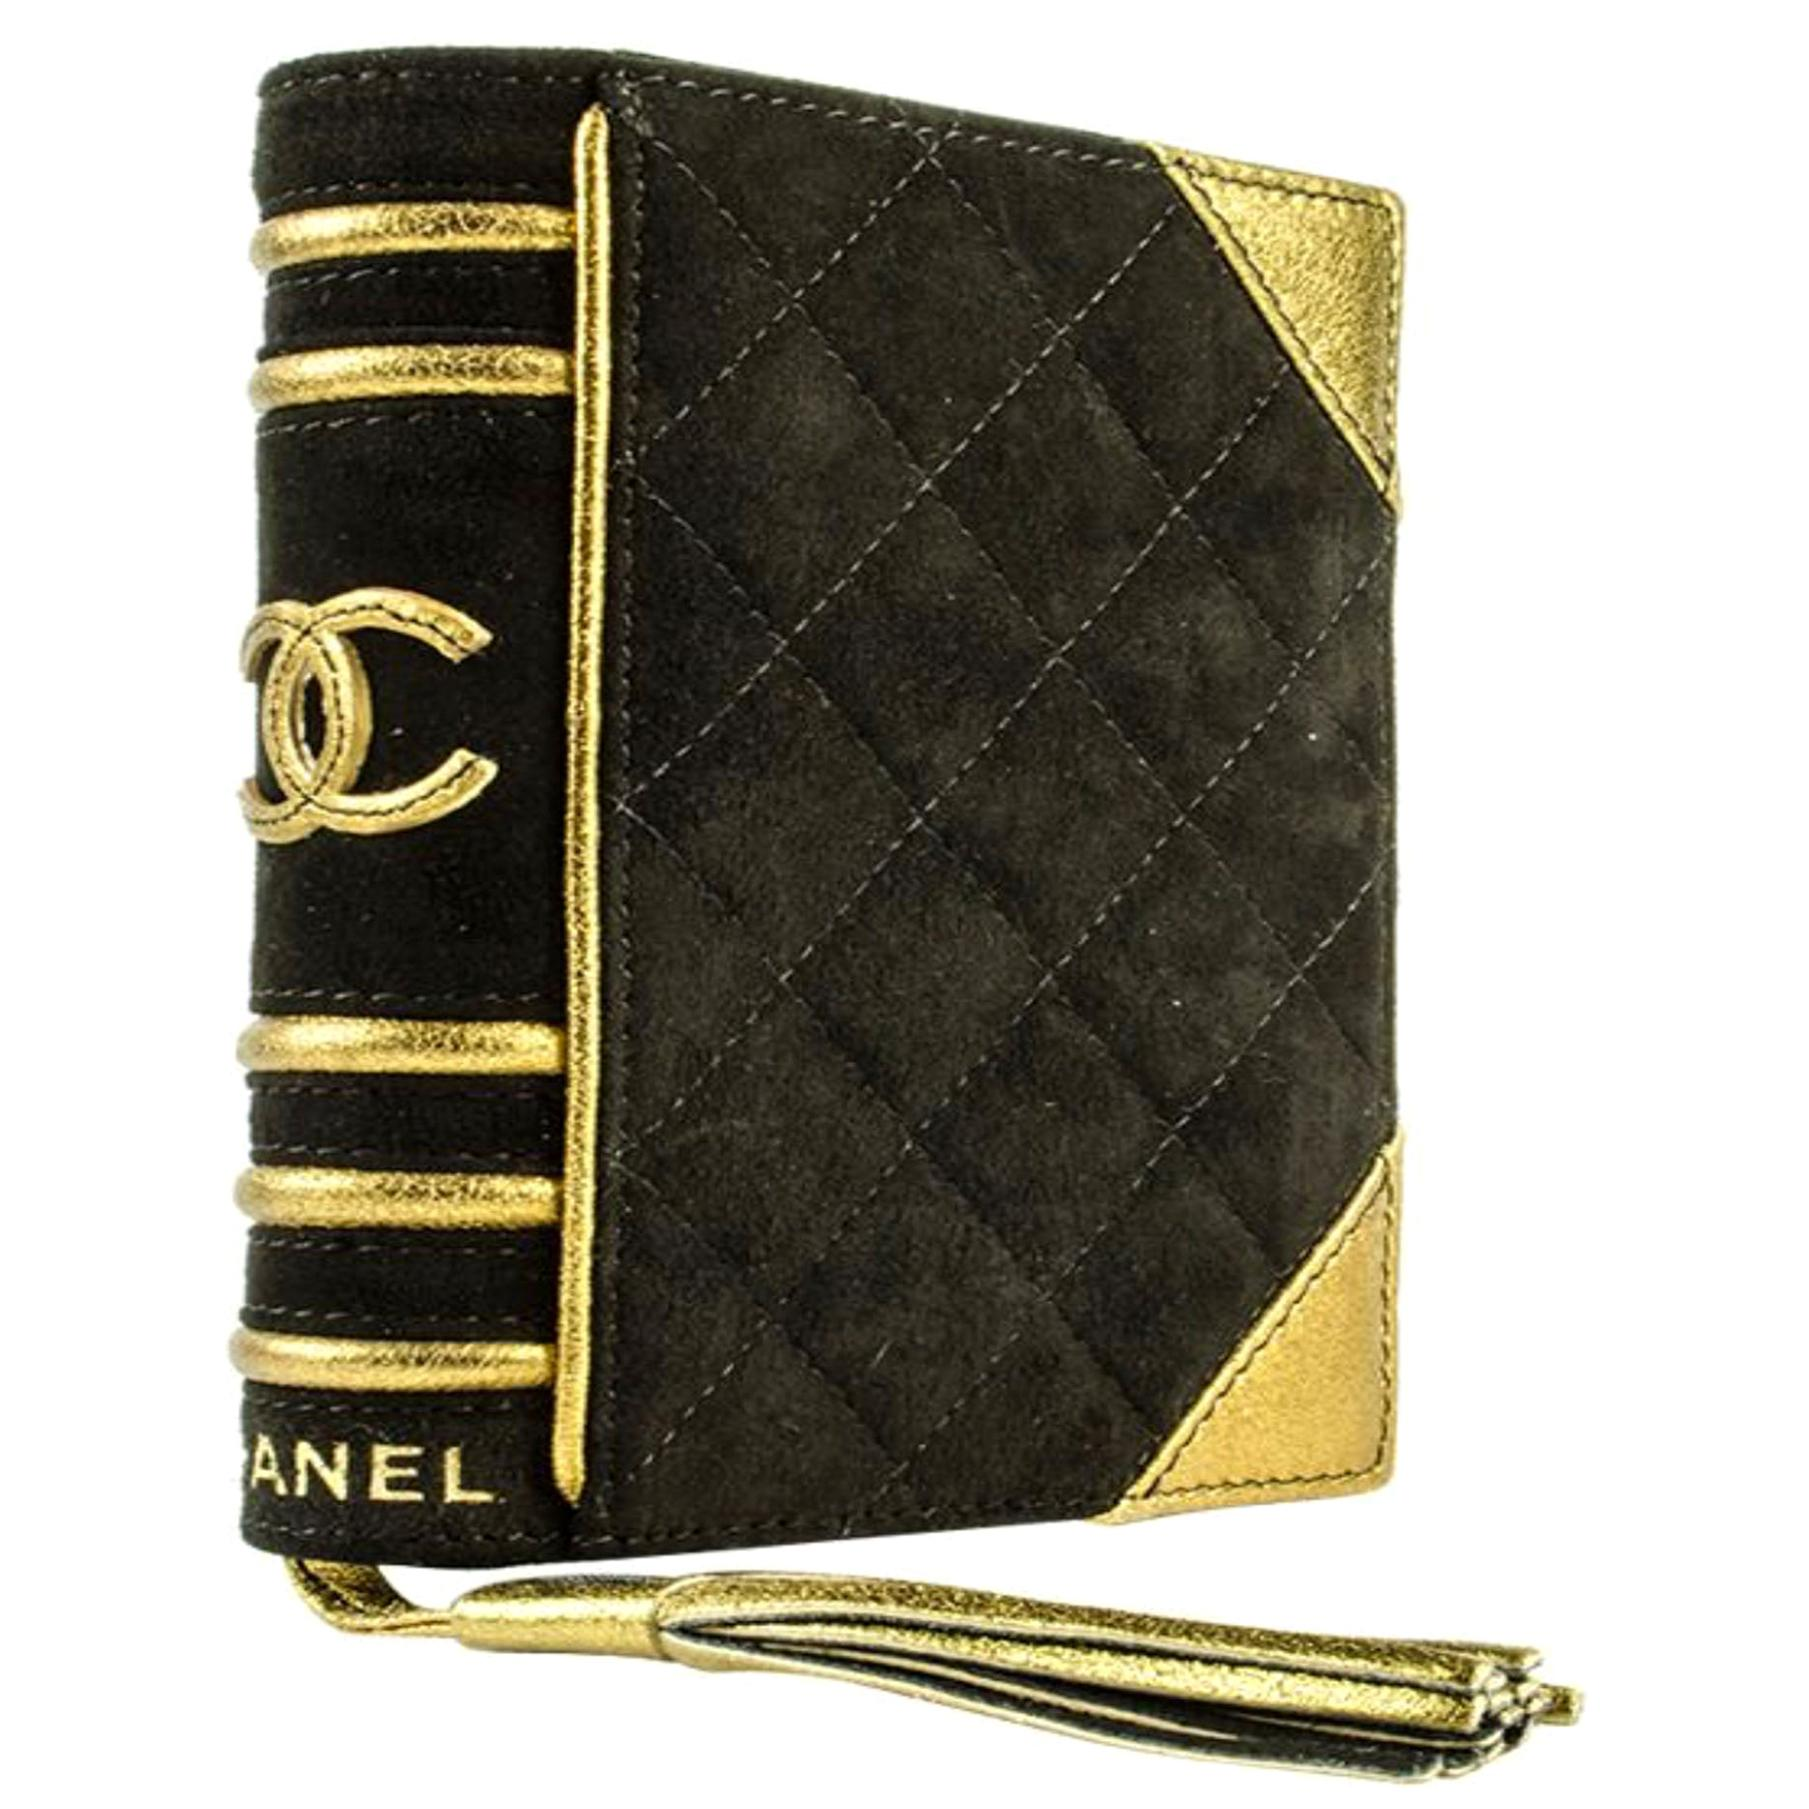 Chanel Rare Vintage Bible CC Limited Edition Minaudière